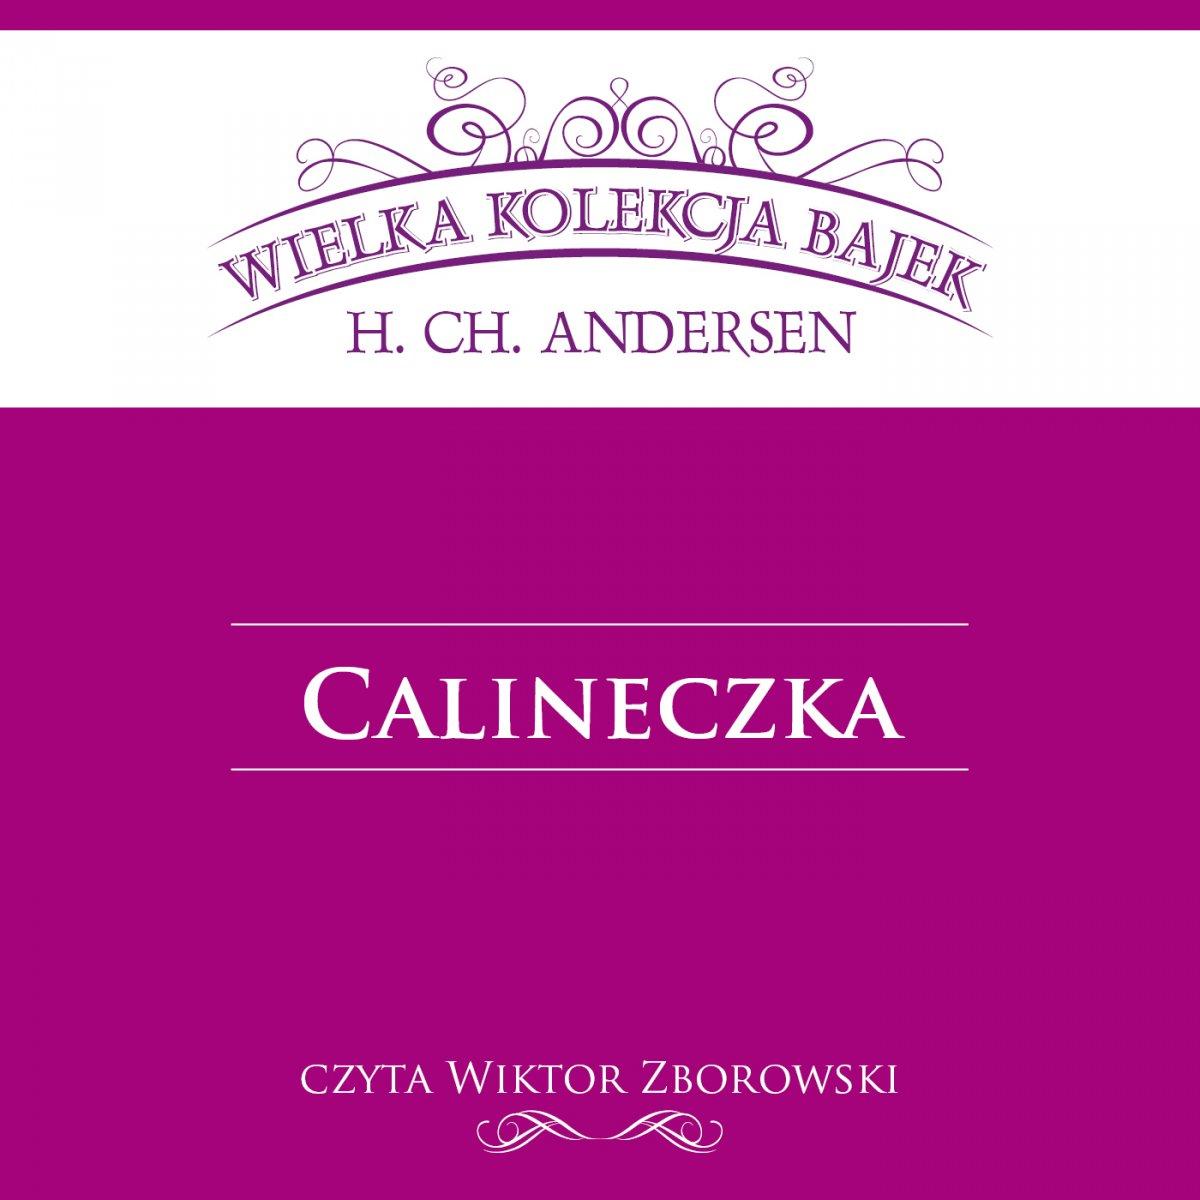 Calineczka (Wielka Kolekcja Bajek) - Audiobook (Książka audio MP3) do pobrania w całości w archiwum ZIP